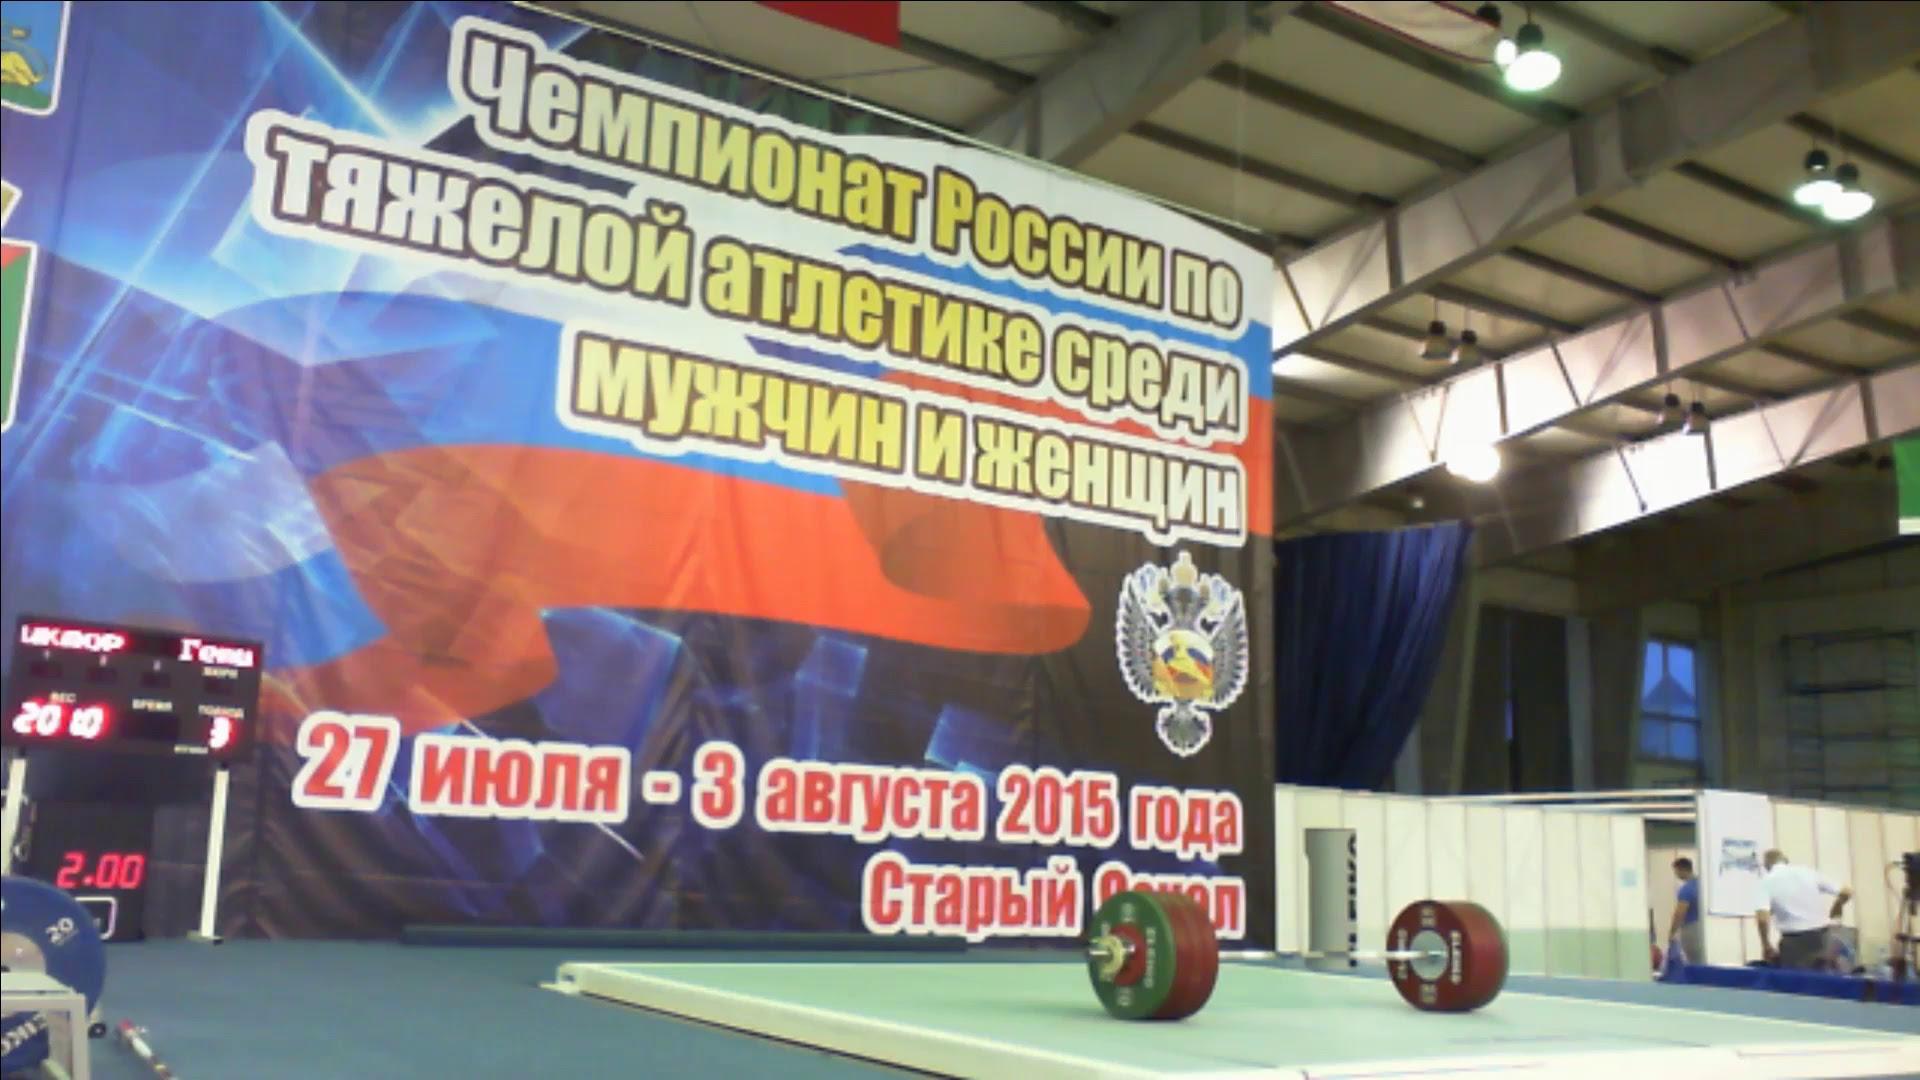 Чемпионат России по тяжелой атлетики г.Старый Оскол 30.07.2015